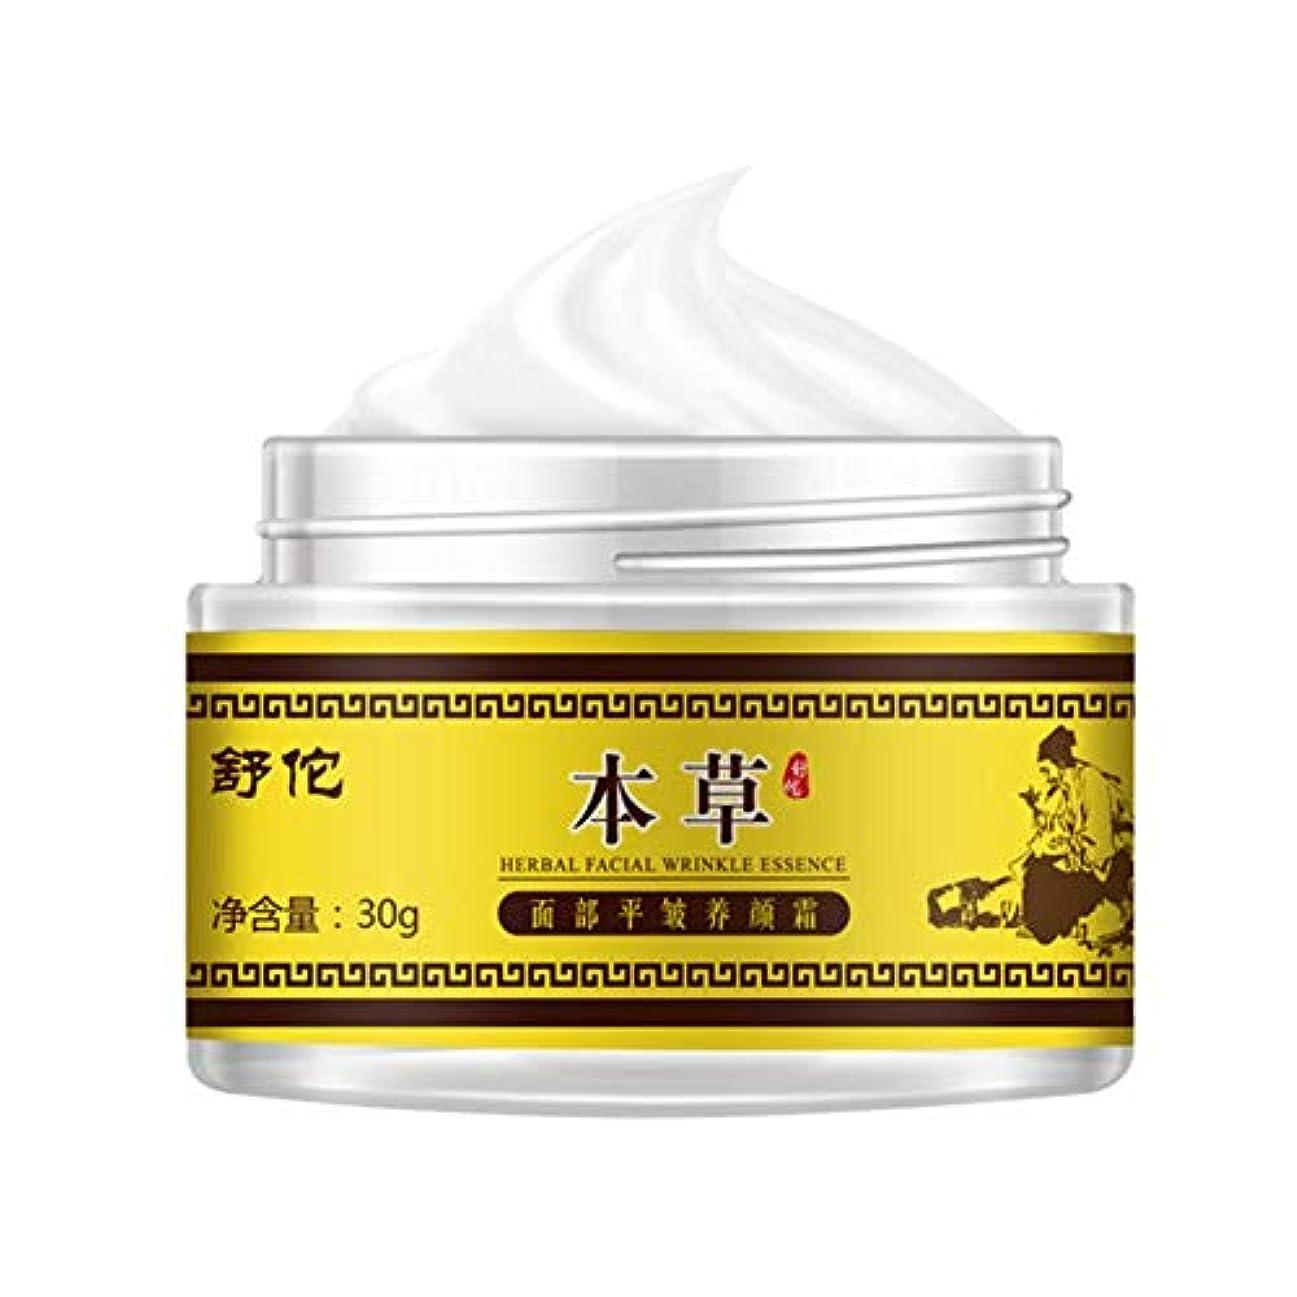 トリプル伝記うんBETTER YOU (ベター ュー) 本草 面部 養顔クリーム しわ取り 細目を淡化する ハイライト 潤い 修復 保湿 補水 クリーム